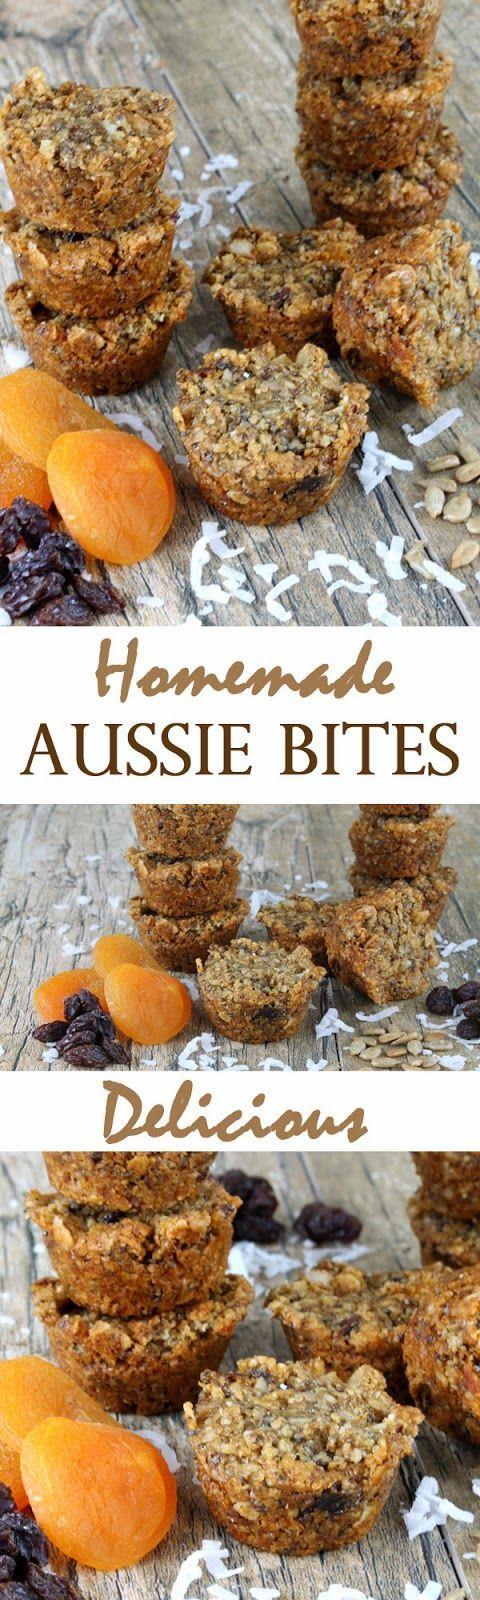 Homemade Aussie Bites